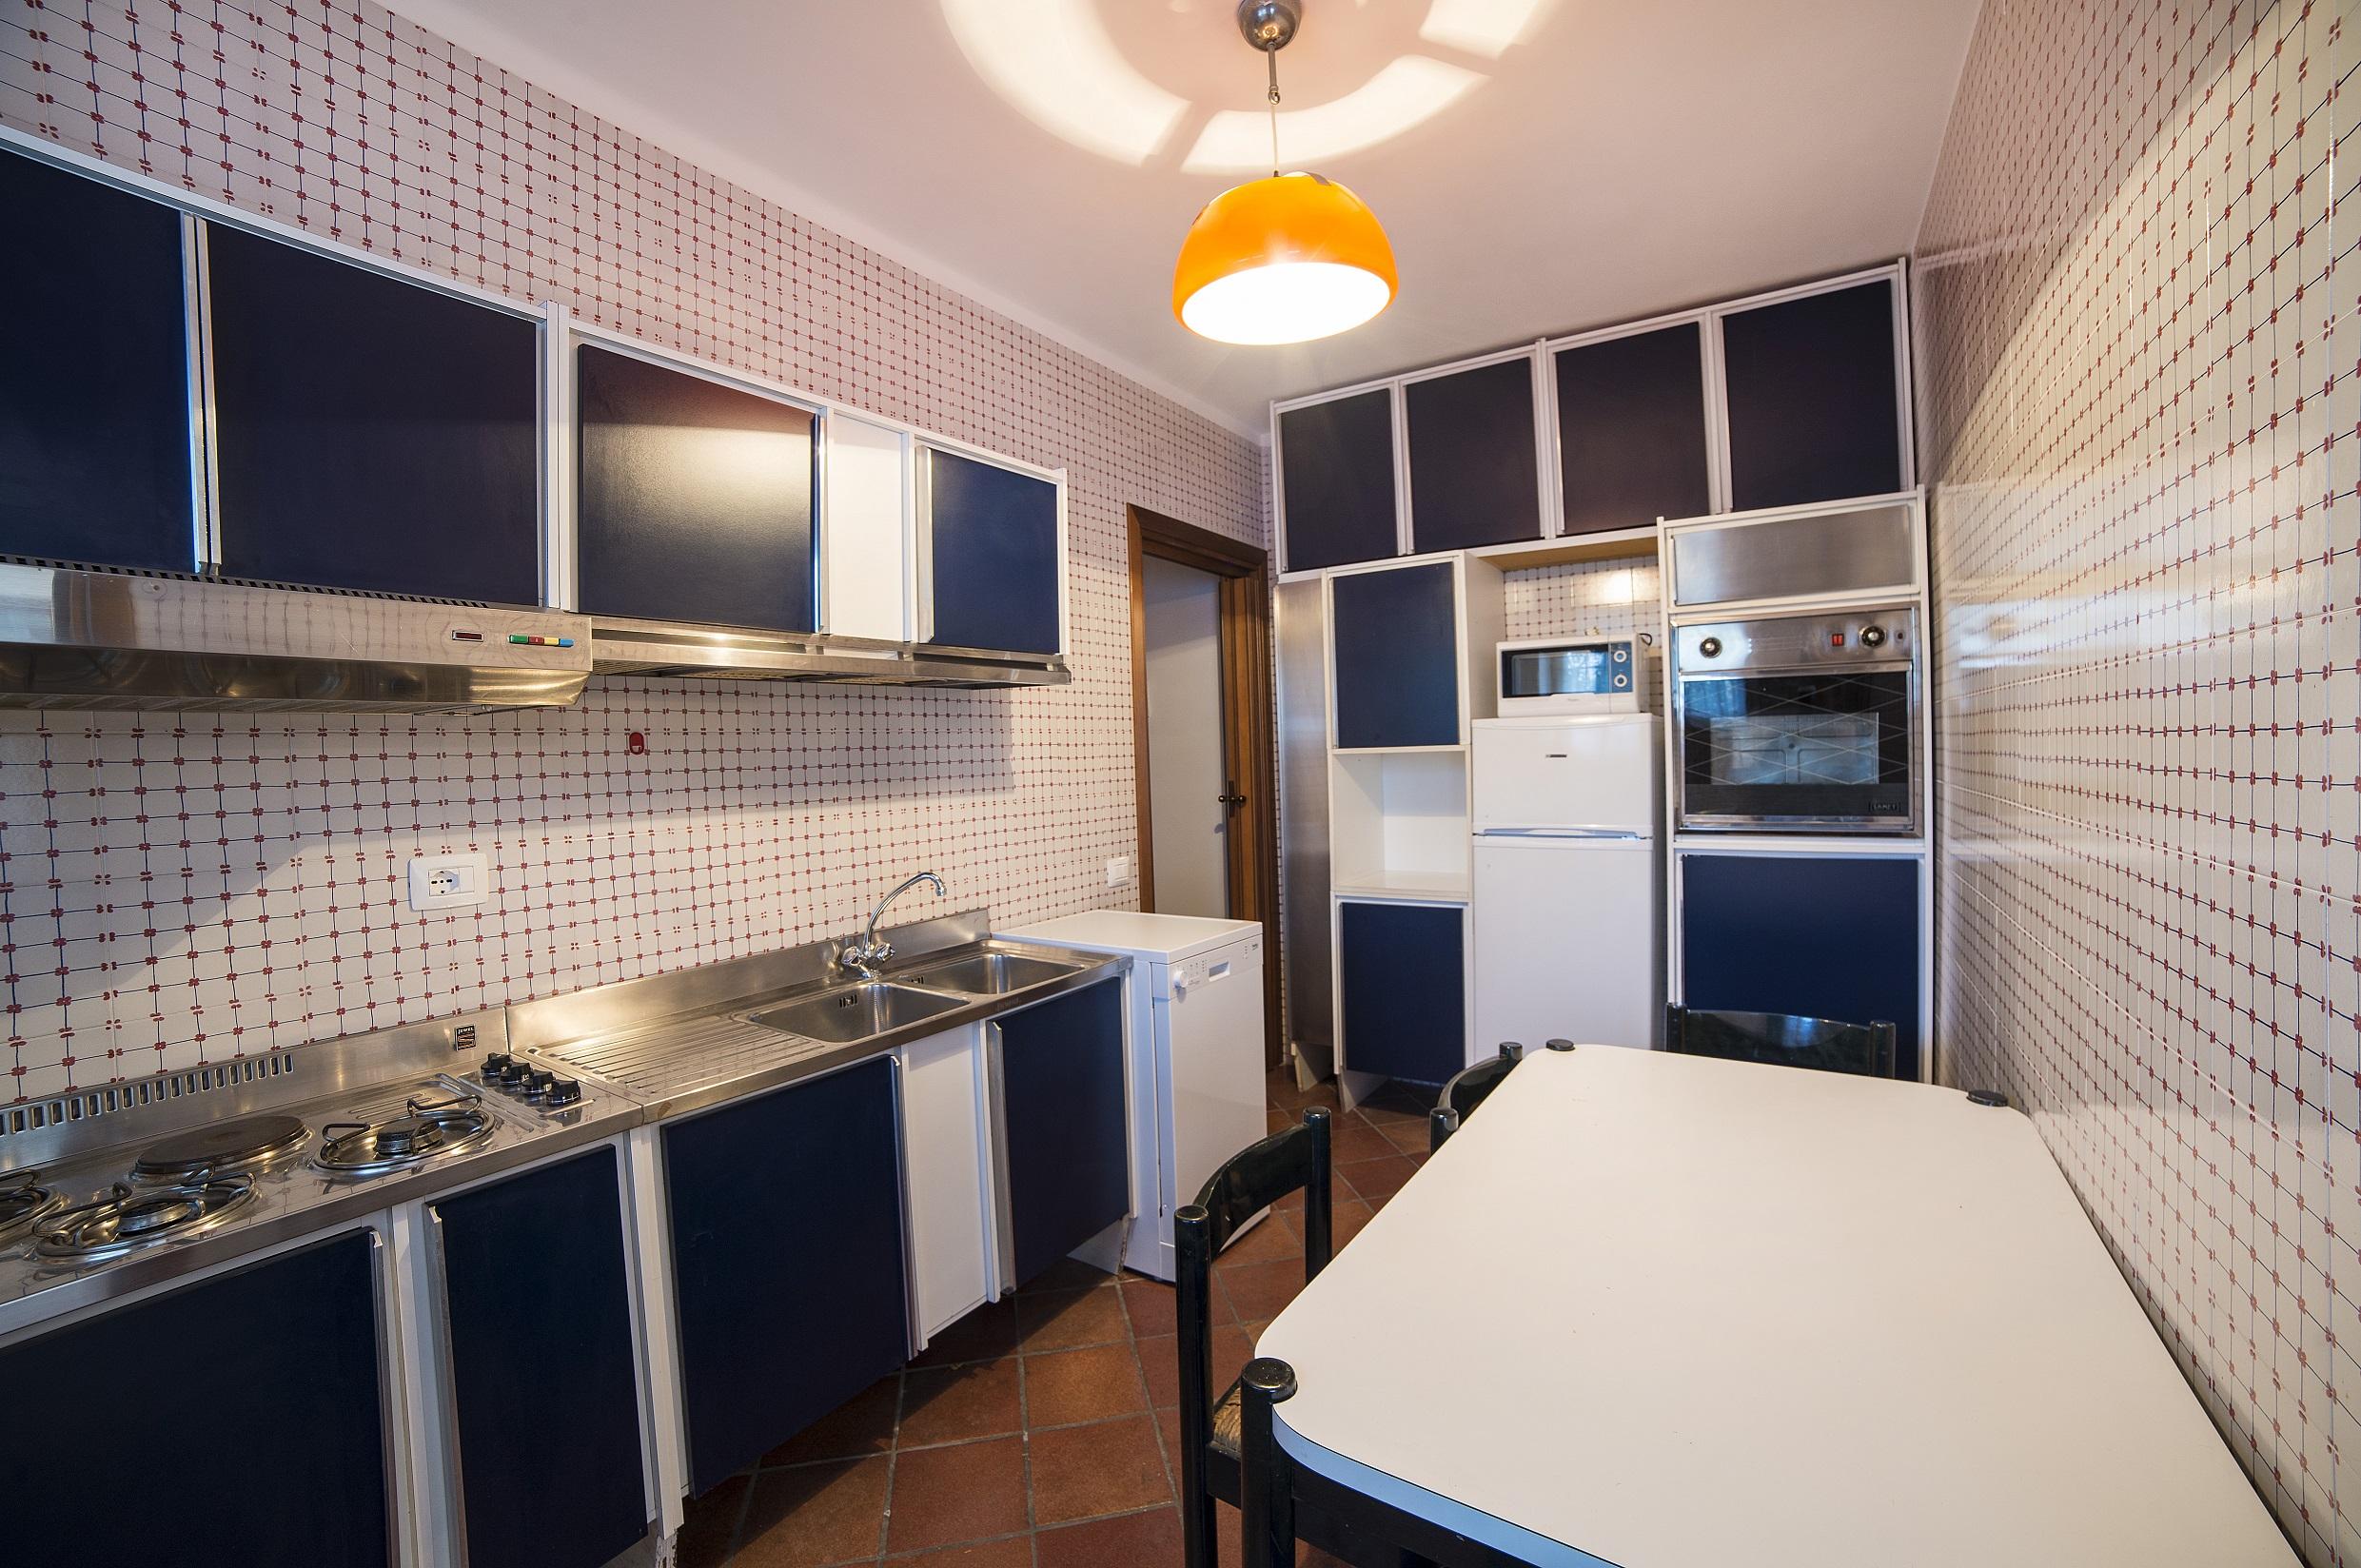 cucina 14.jpg